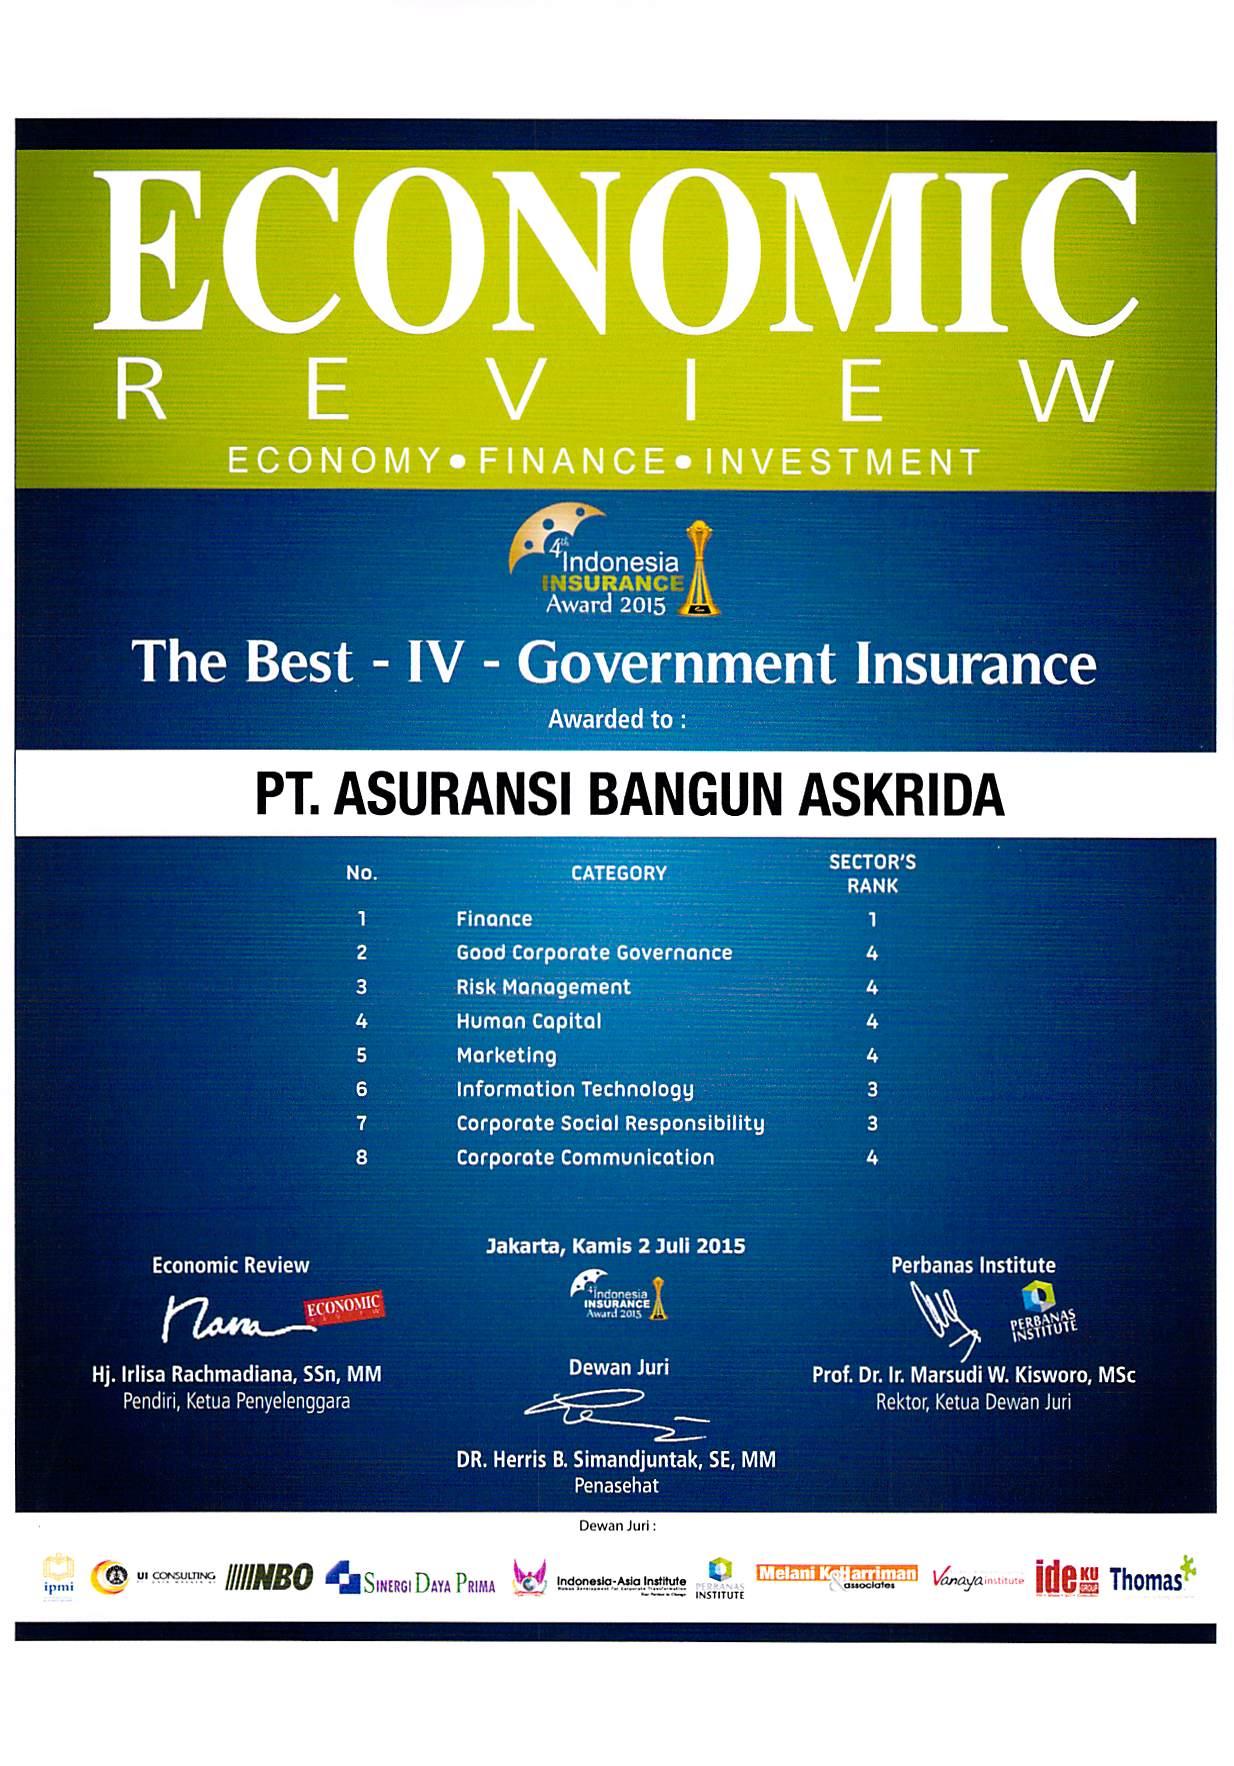 PENGHARGAAN TERBAIK IV ASURANSI PEMERINTAH 2015 (ECONOMIC REVIEWS)